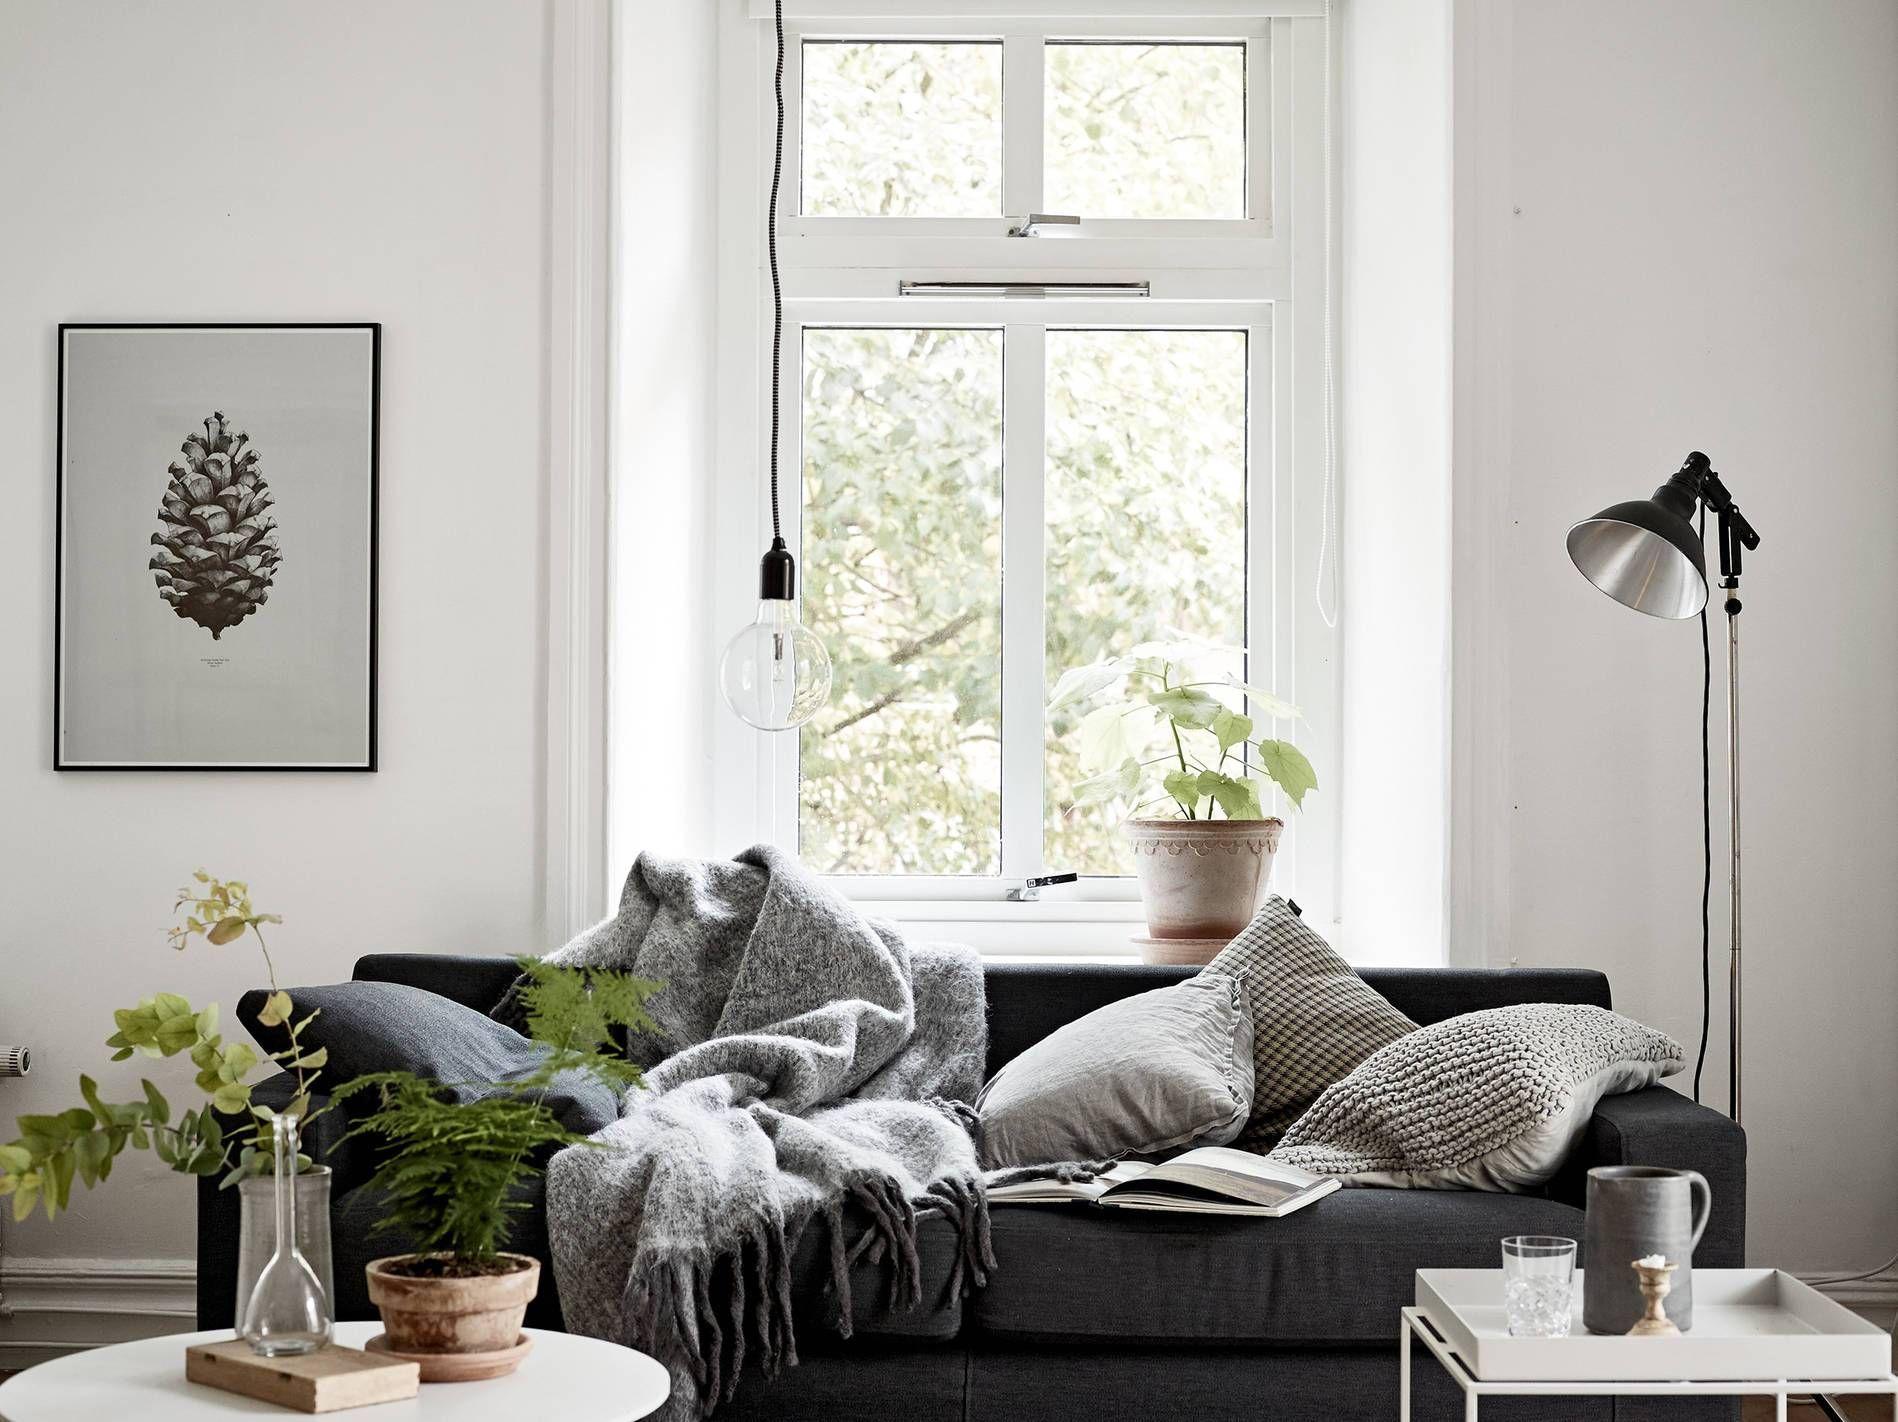 Innenarchitektur wohnzimmer für kleine wohnung pin von larissa hirzinger auf wohnen  pinterest  wohnzimmer